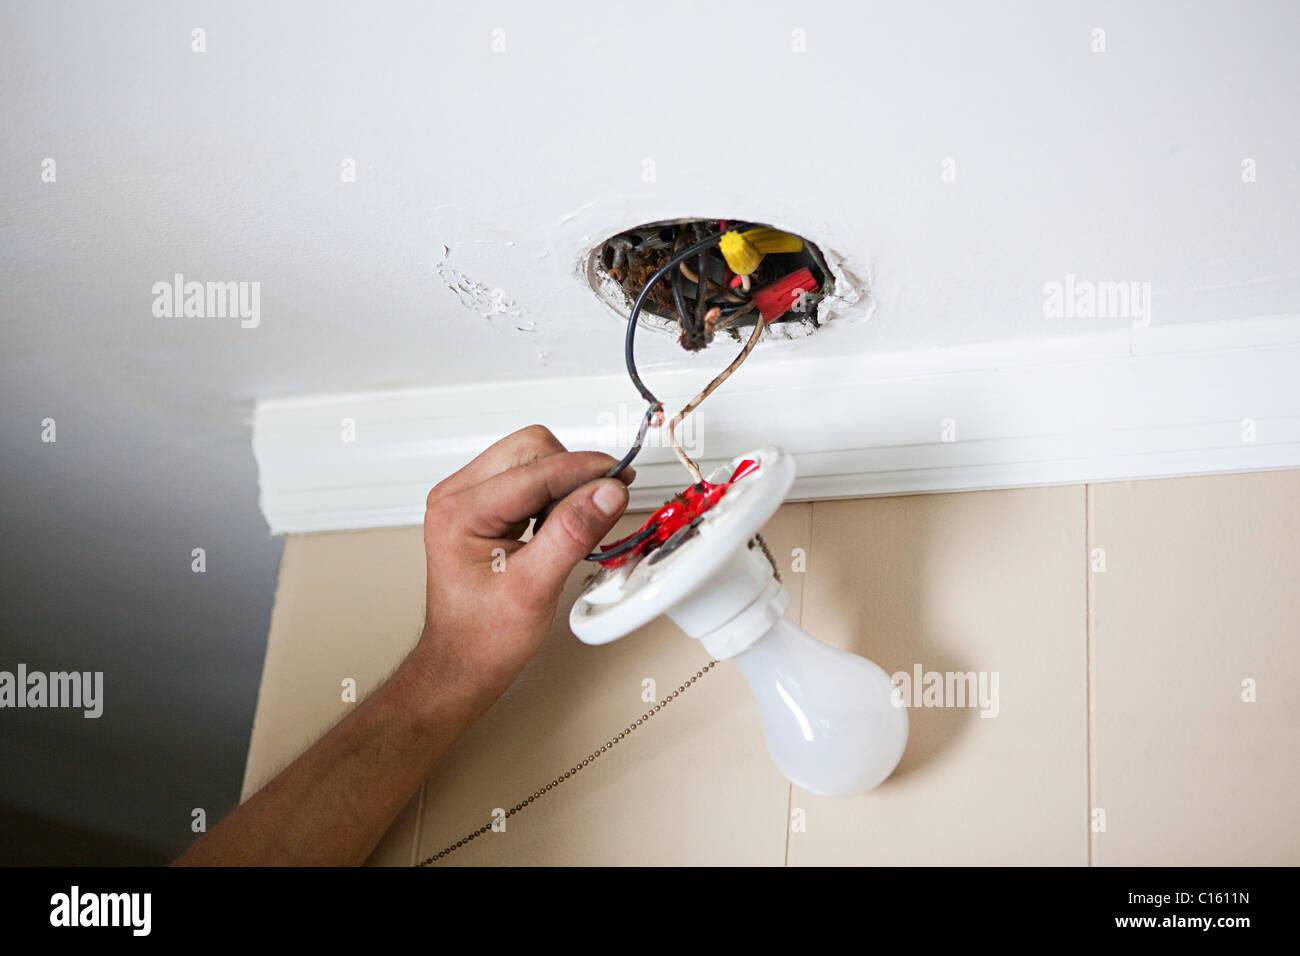 Elektriker Befestigung Glühbirne Verdrahtung Stockfoto, Bild ...